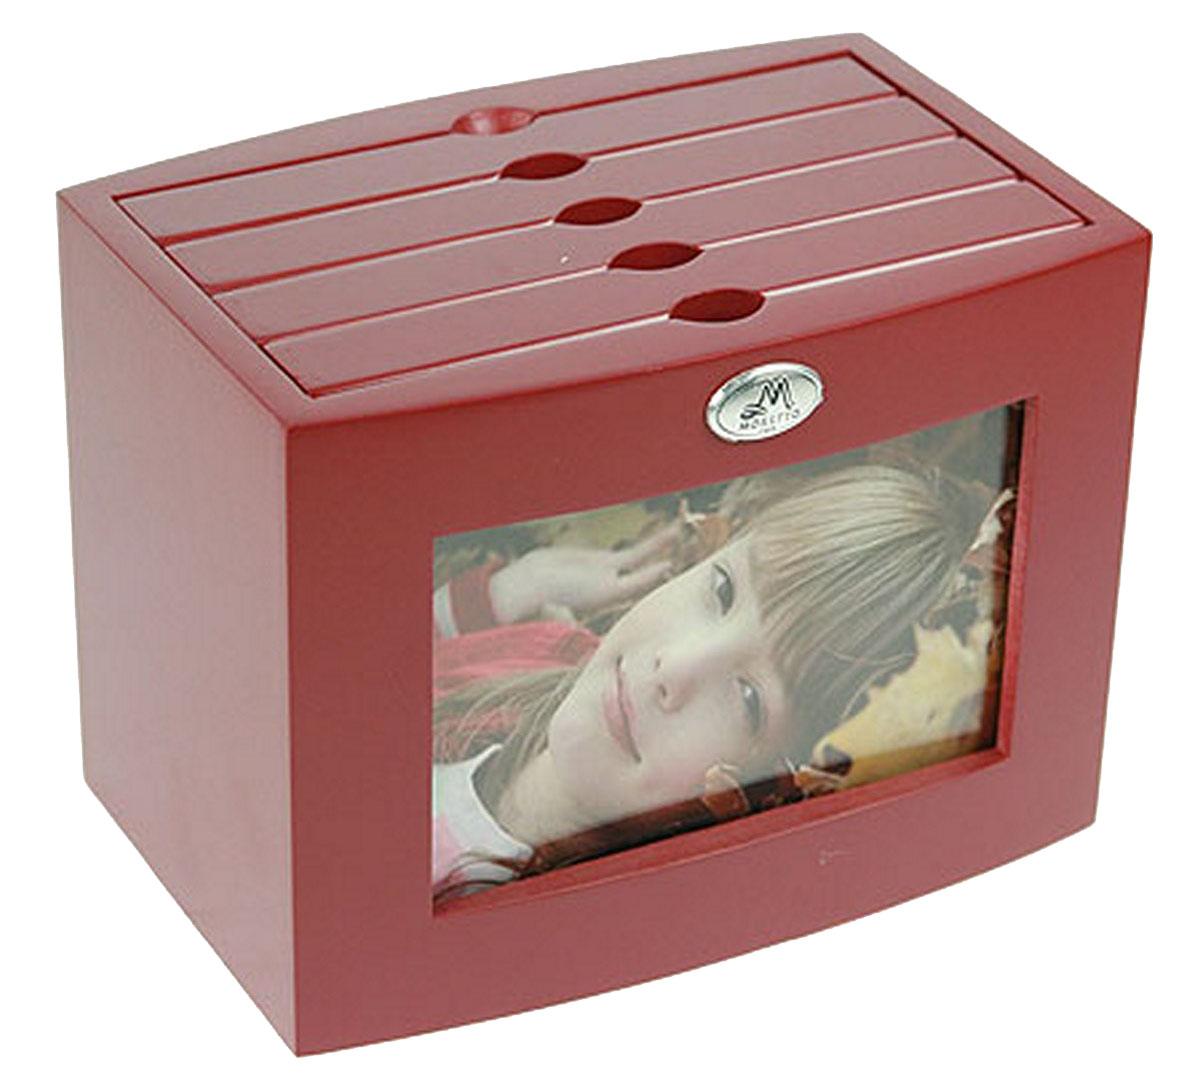 Архивный фотоальбом Moretto, на 96 фото, 10 x 15 см. 13804974-0120Оригинальный архивный фотоальбом Moretto, рассчитанный на 96 фотографий, выполнен в виде деревянного бокса. Бокс содержит 4 альбома, каждый из которых рассчитан на 24 фотографии форматом 10 х 15 см, а также на лицевой стороне имеет отделение для дополнительной фотографии.Такой архивный альбом станет достойным украшением вашего интерьера и будет уникальным подарком вашим друзьям.